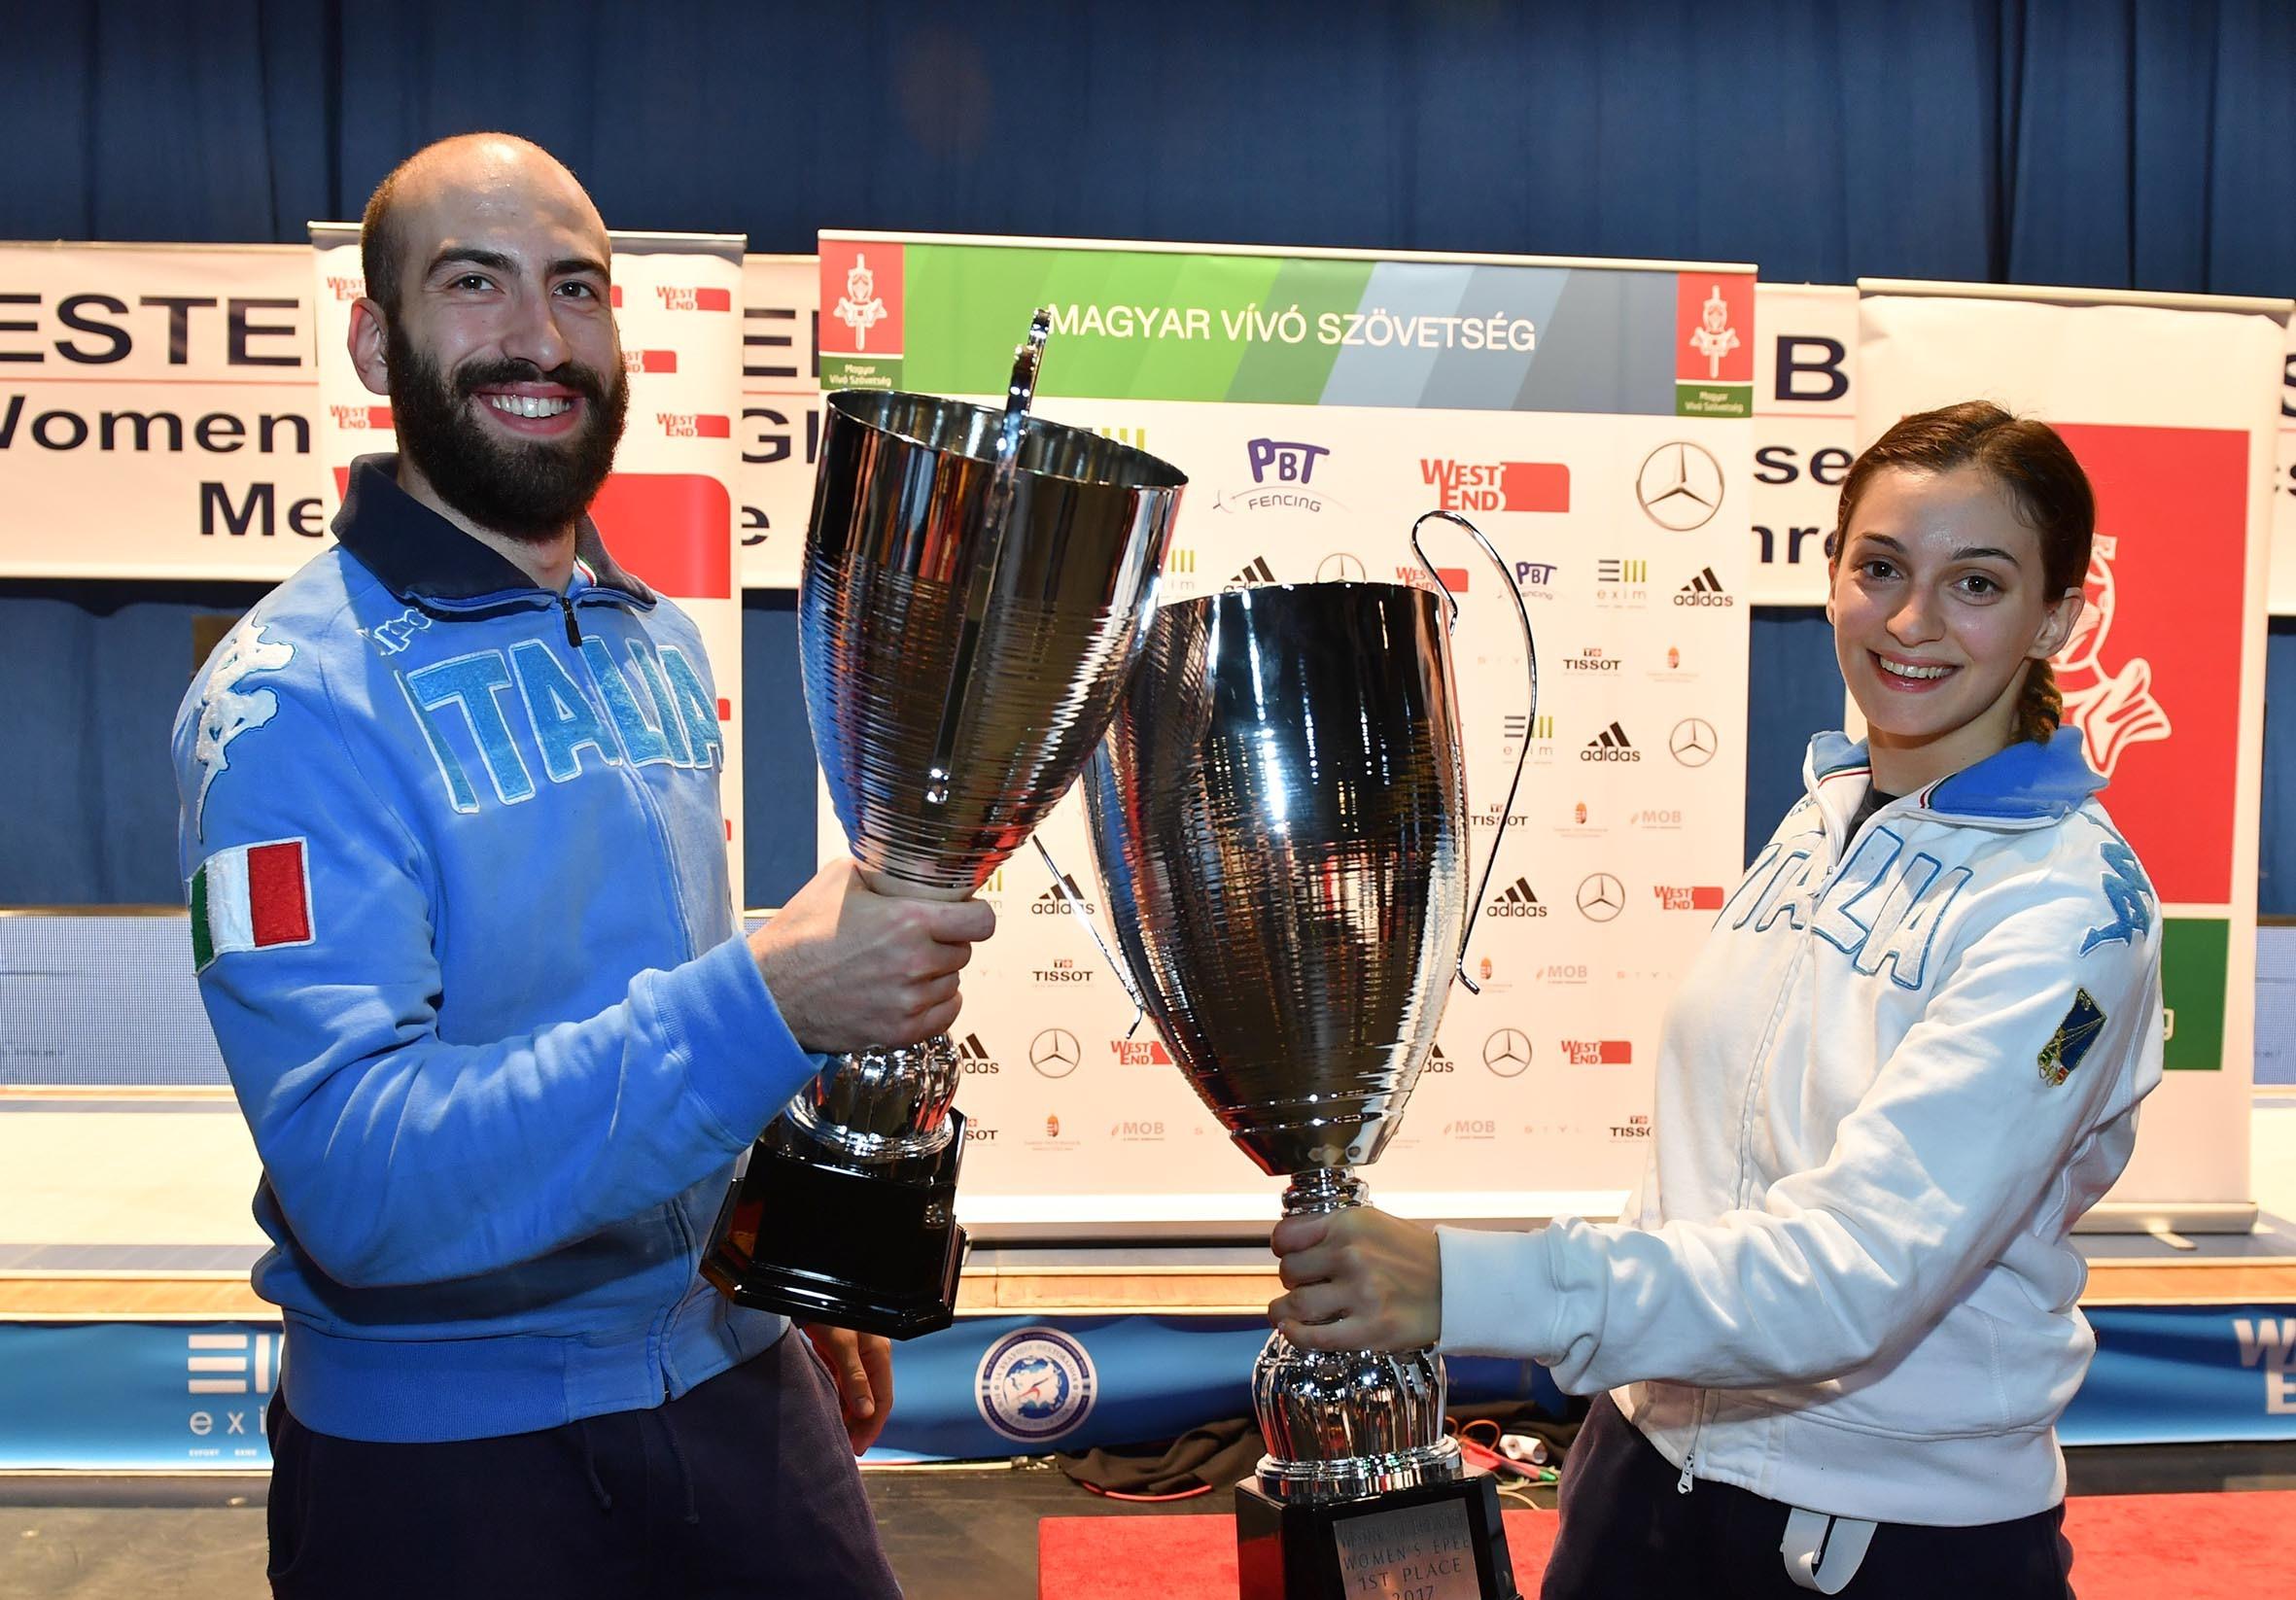 Rossella Fiamingo, prima, e Andrea Santarelli, terzo, festeggiano il successo azzurro nella Coppa del mondo di spada nella tappa di Budapest